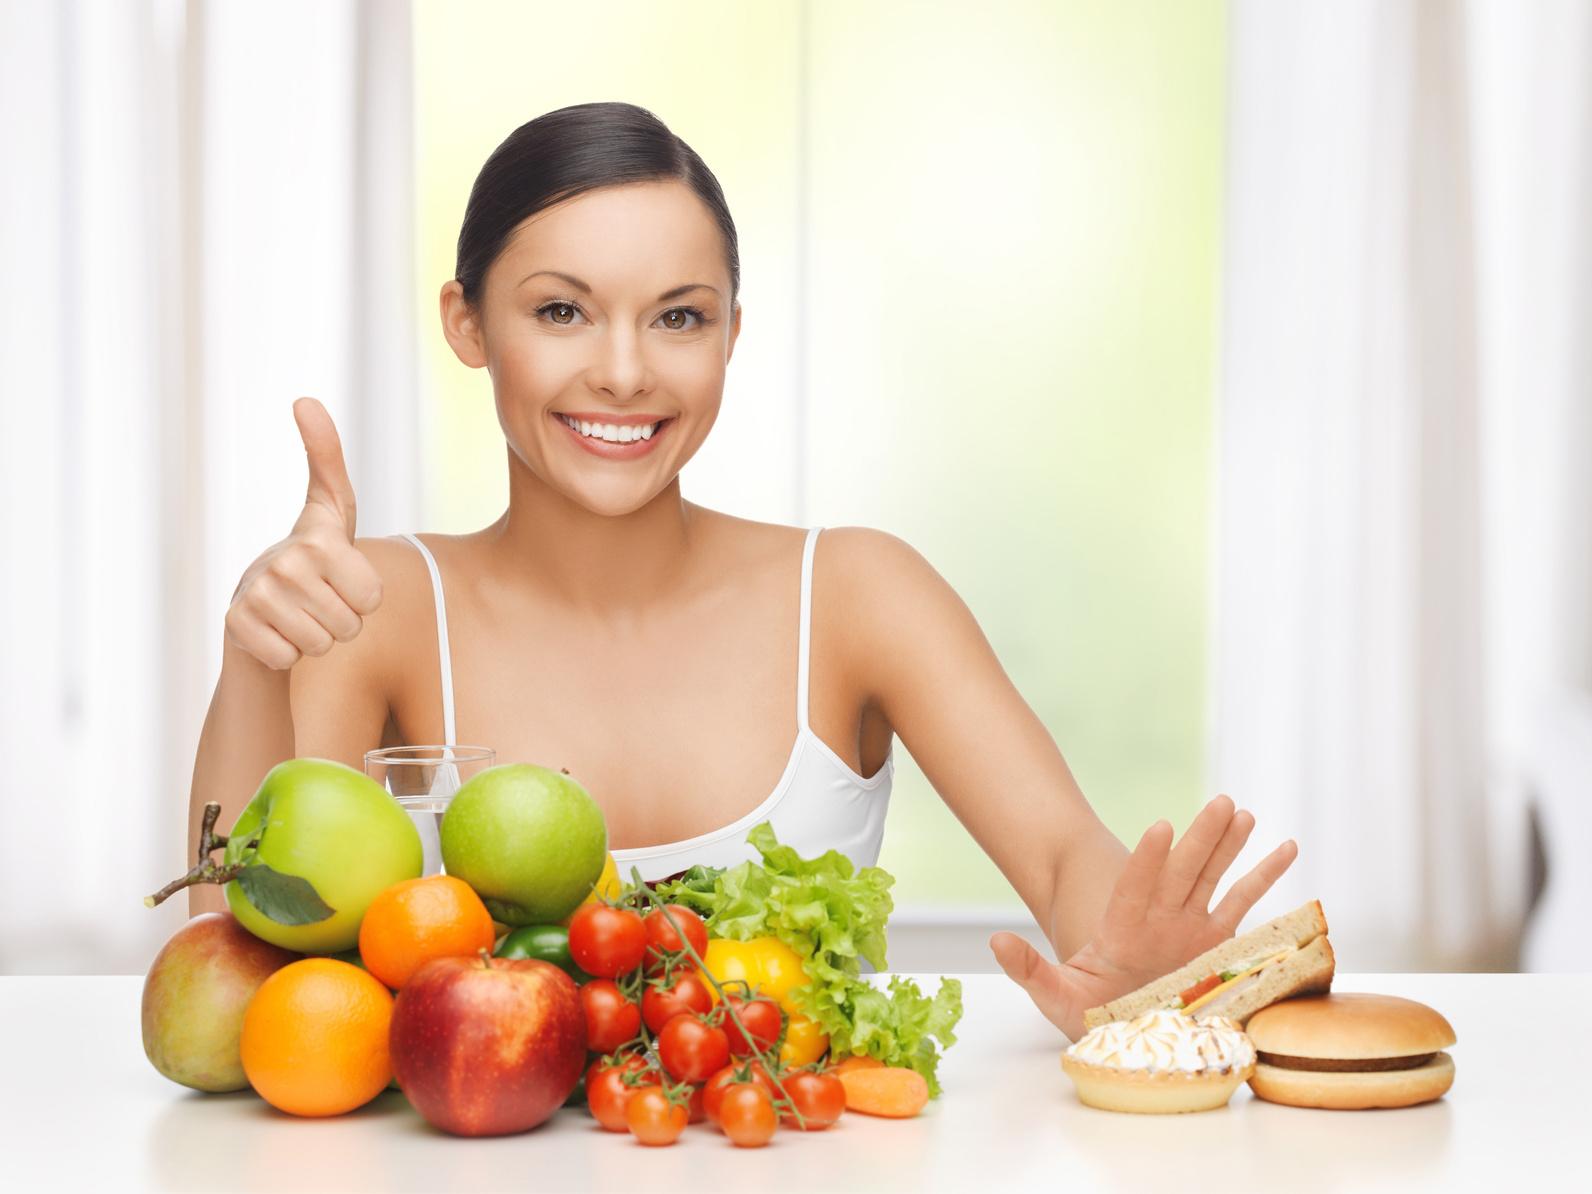 Как похудеть без диет: типичные ошибки худеющих и рецепты